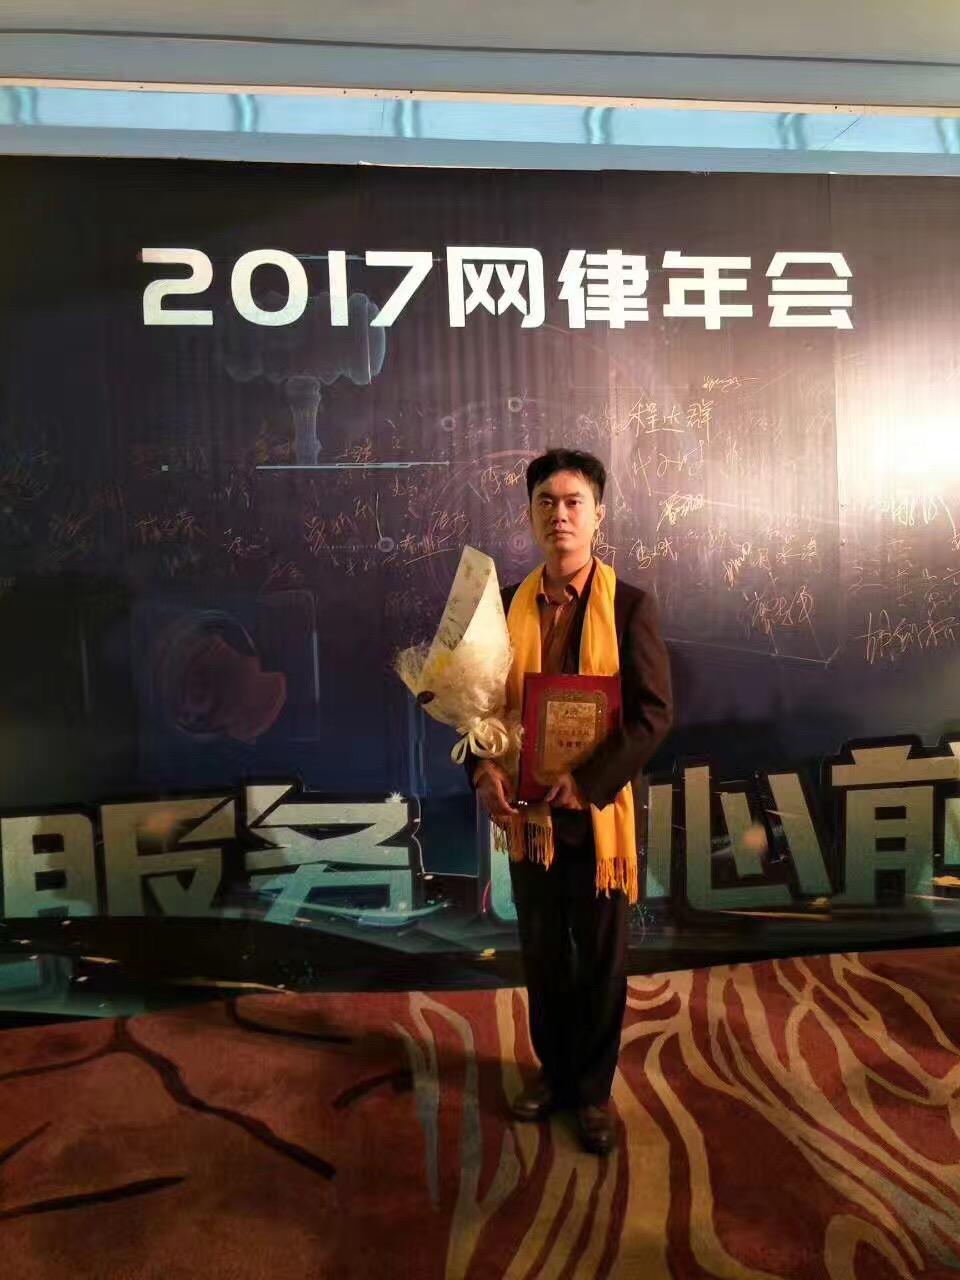 马俊哲律师参加网律大会并获奖